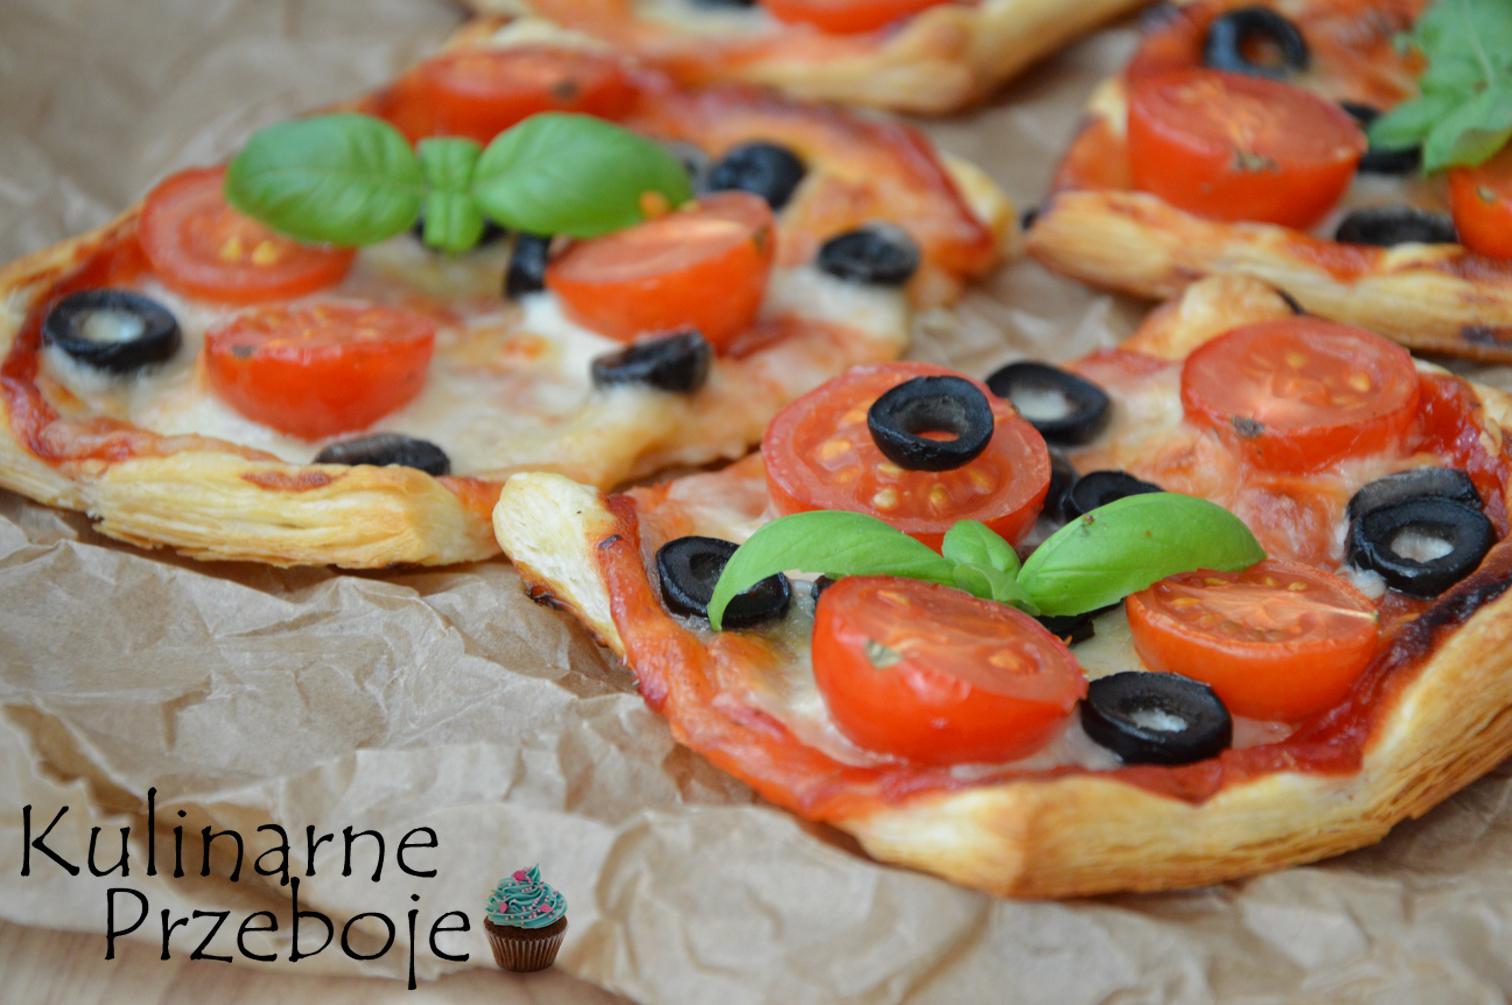 Ciasto francuskie, pomidorki i oliwki - idealna imprezowa przekąska